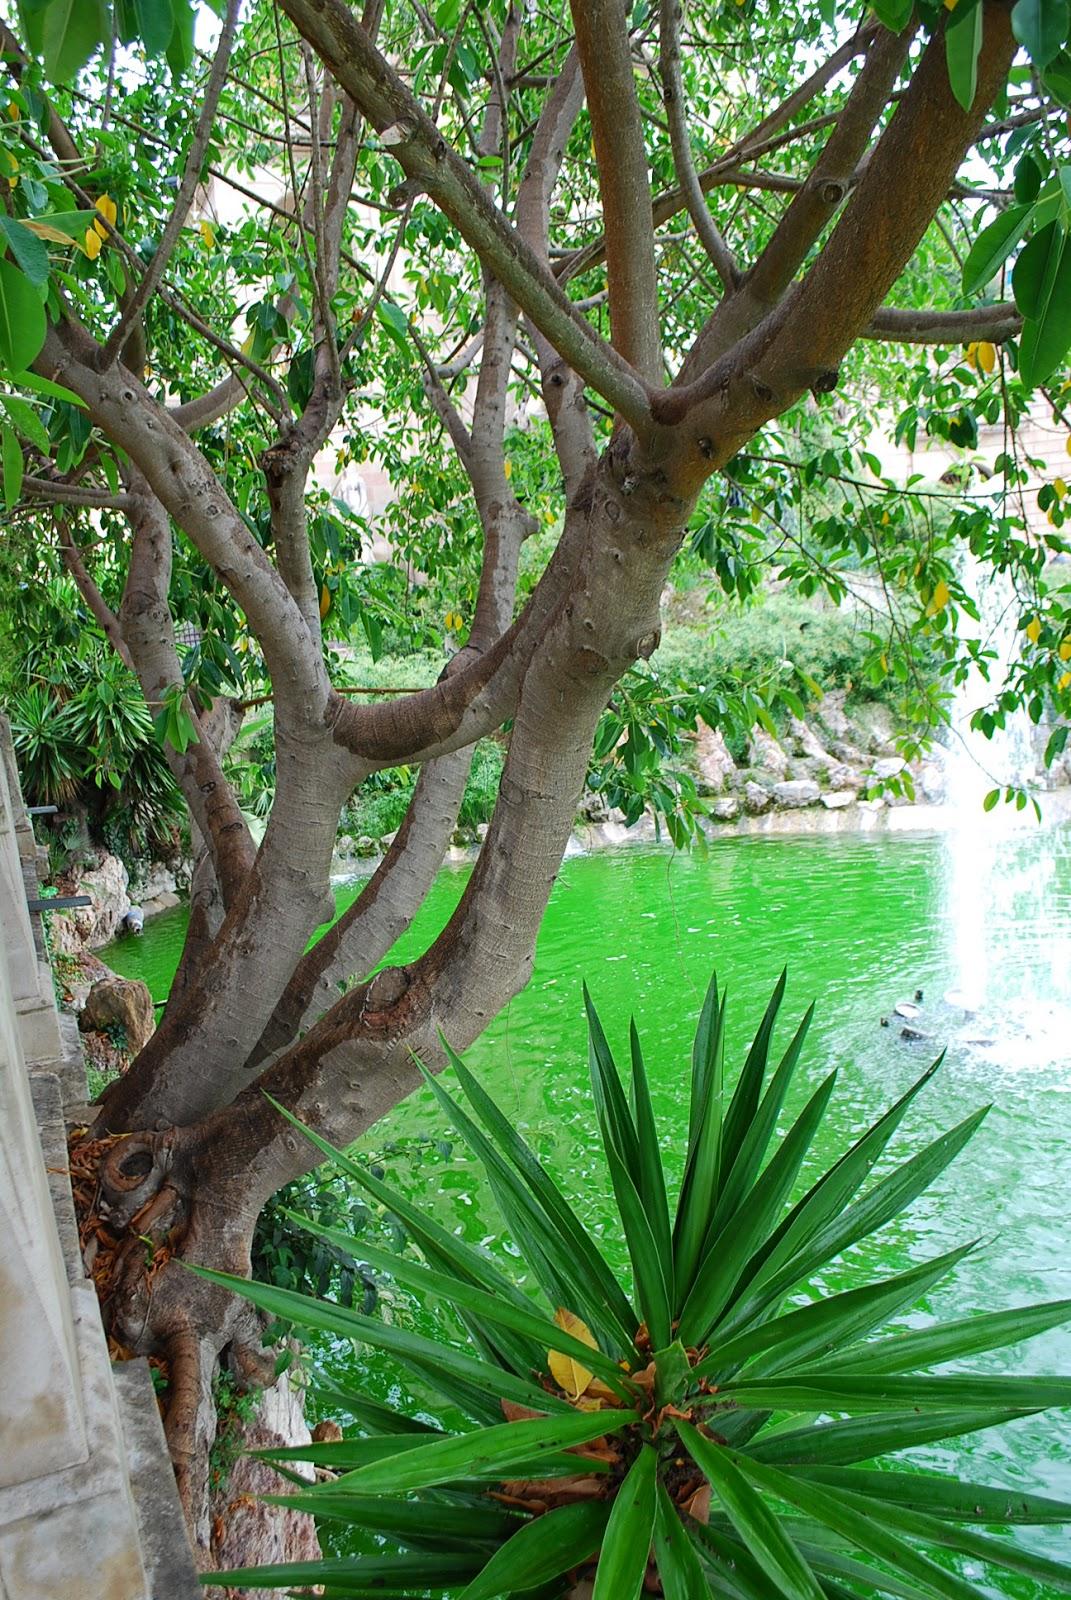 В Крыму сосны прорастают прямо со скал, а здесь фикусы из бетона:) Парк Цитадели (Сьютаделья, Ciutadella), Барселона, Каталония, Испания. Parc de la Ciutadella, Barcelona, Catalonia, Spain